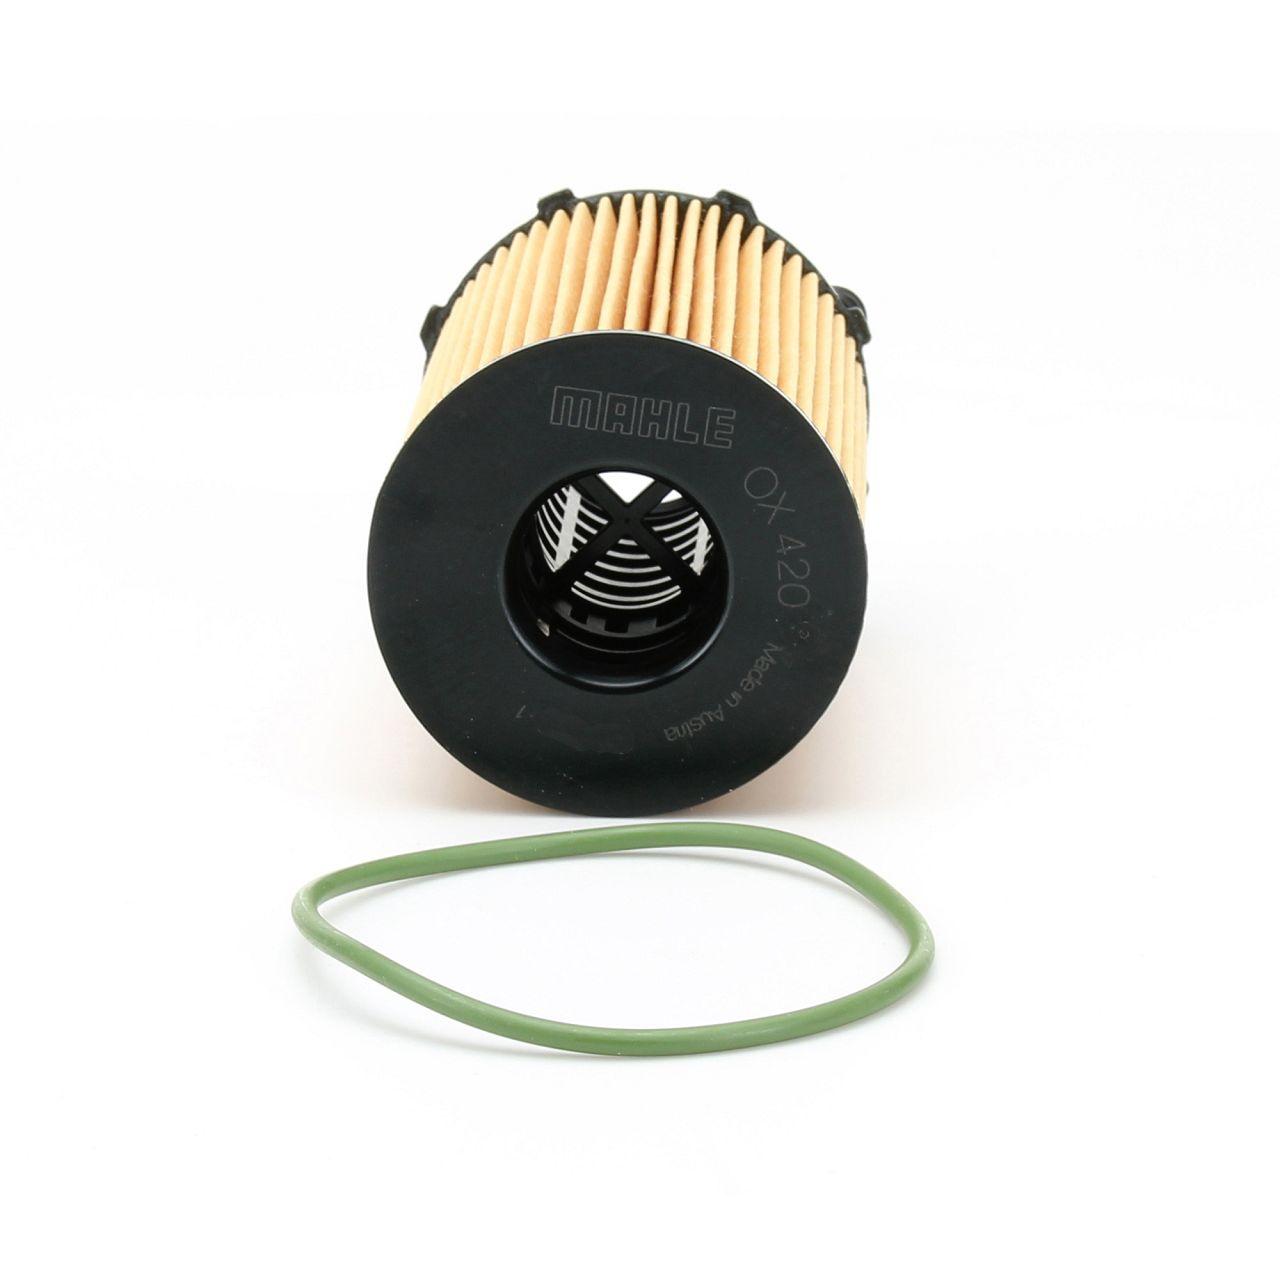 Inspektionskit Filterpaket Filterset für Audi A6 A7 (4G C7) 3.0TDI 204-326 PS